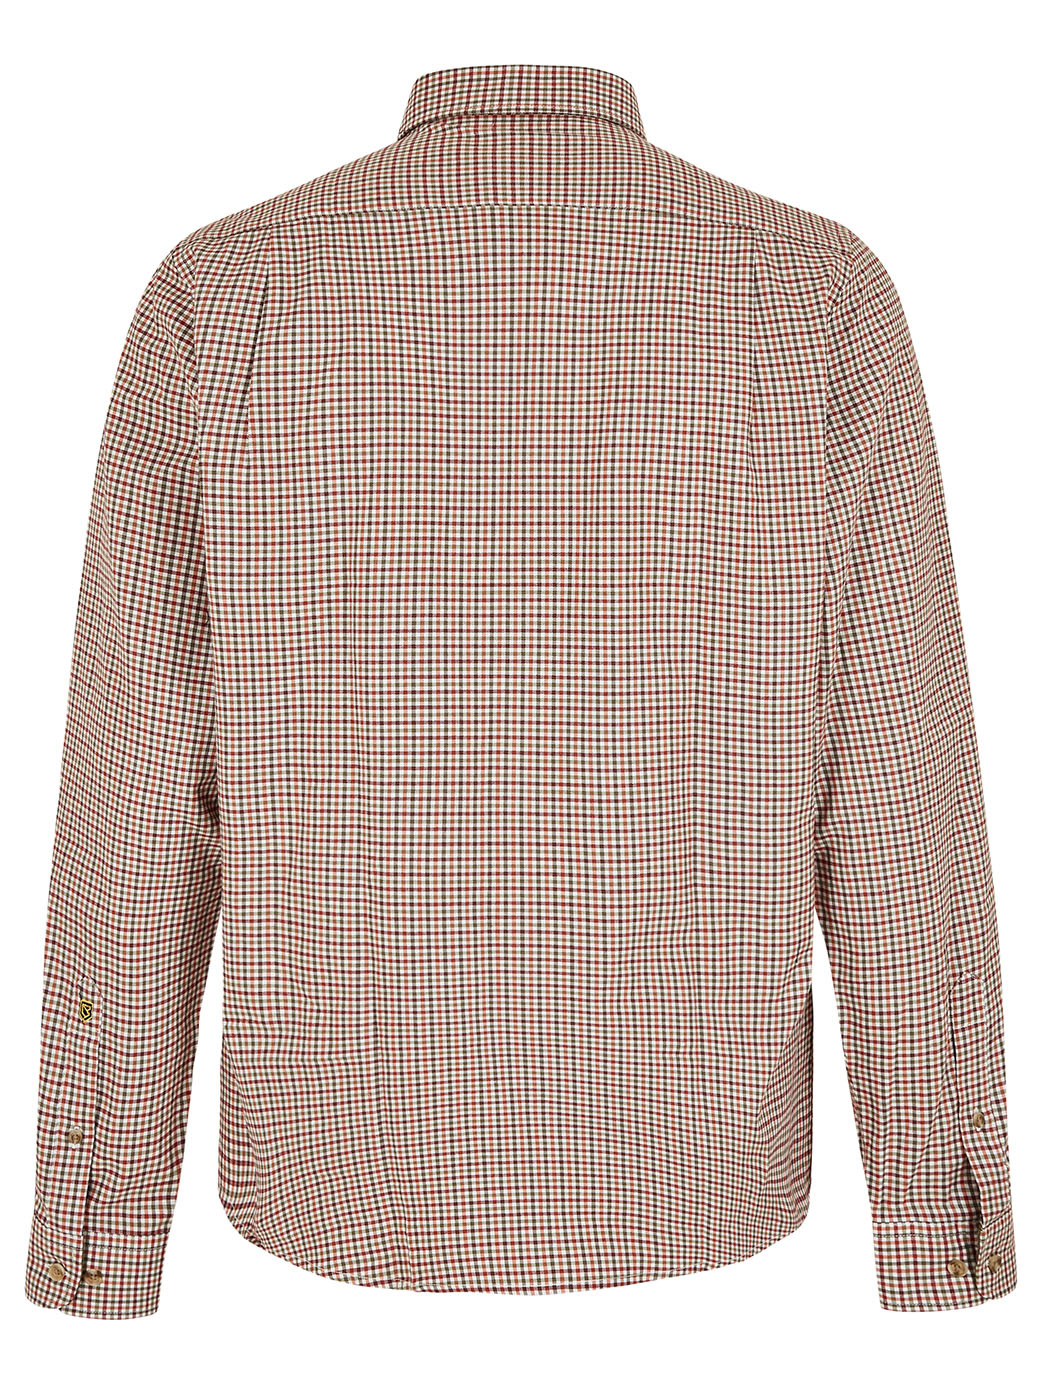 Dubarry Shrewsbury Katoenen Shirt - Ruby-5